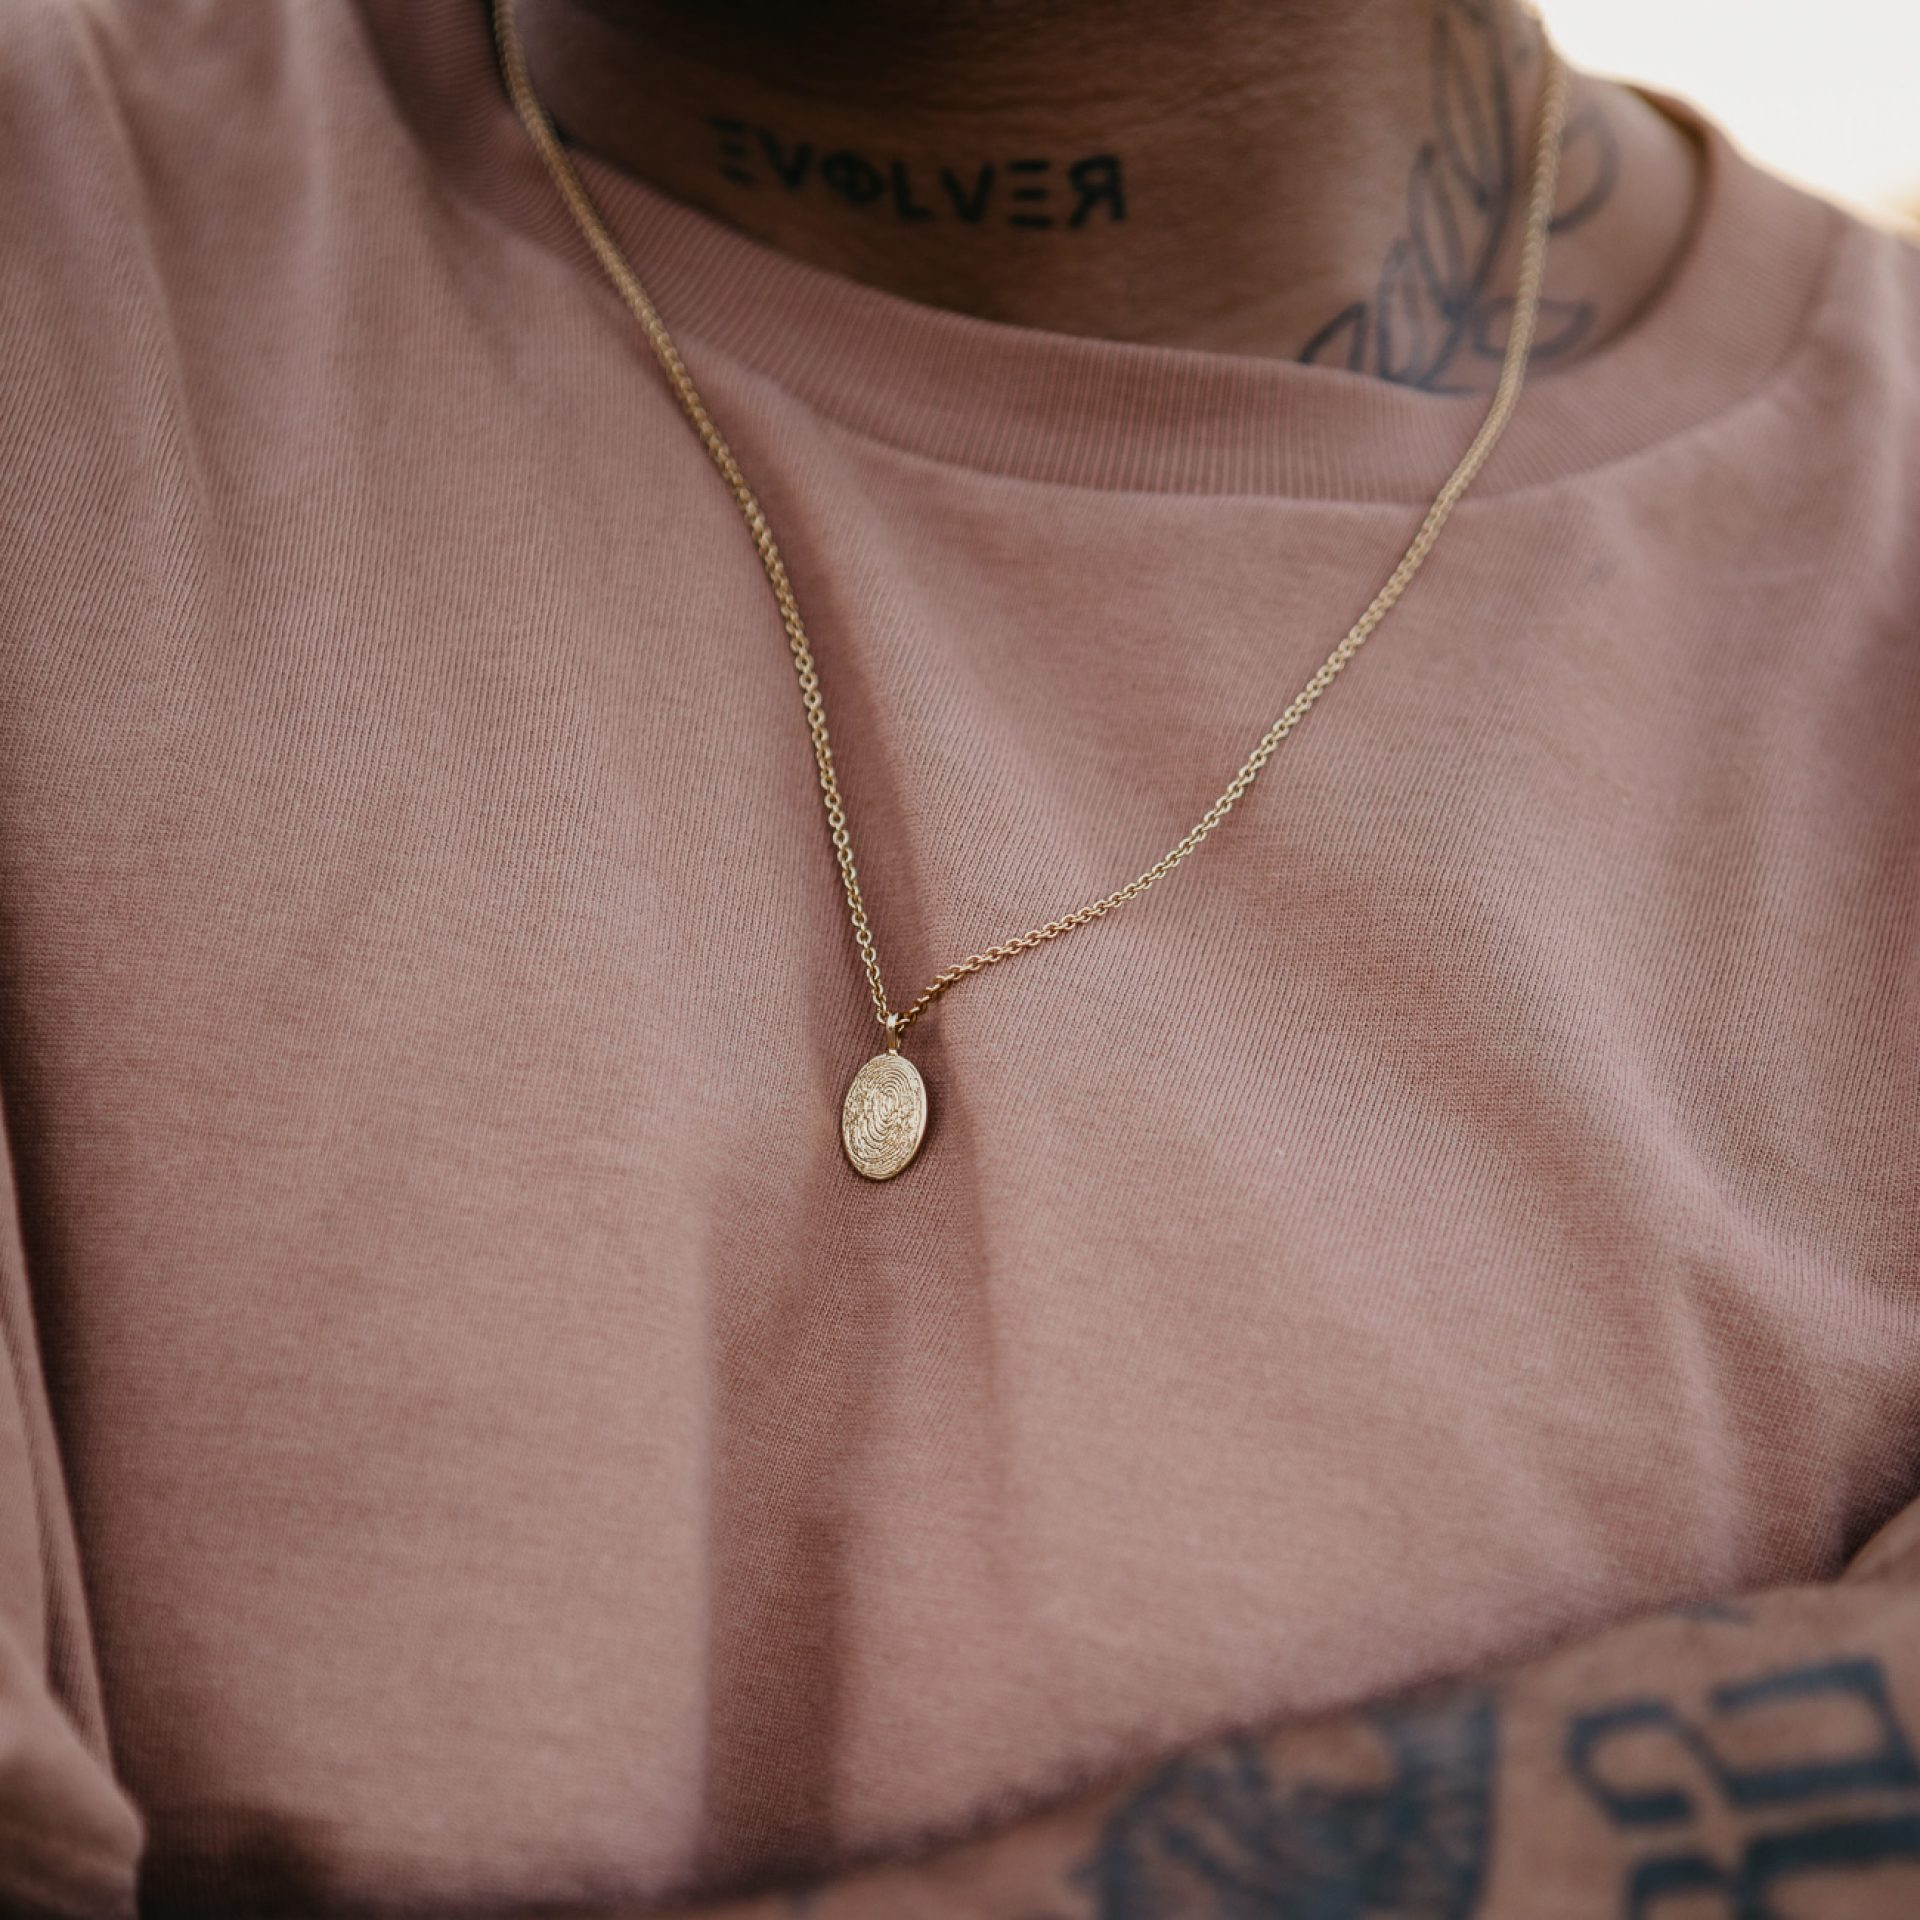 Halskette mit Fingerabdruck für Männer 750 Gold Silber Schweiz Fingerprintschmuck